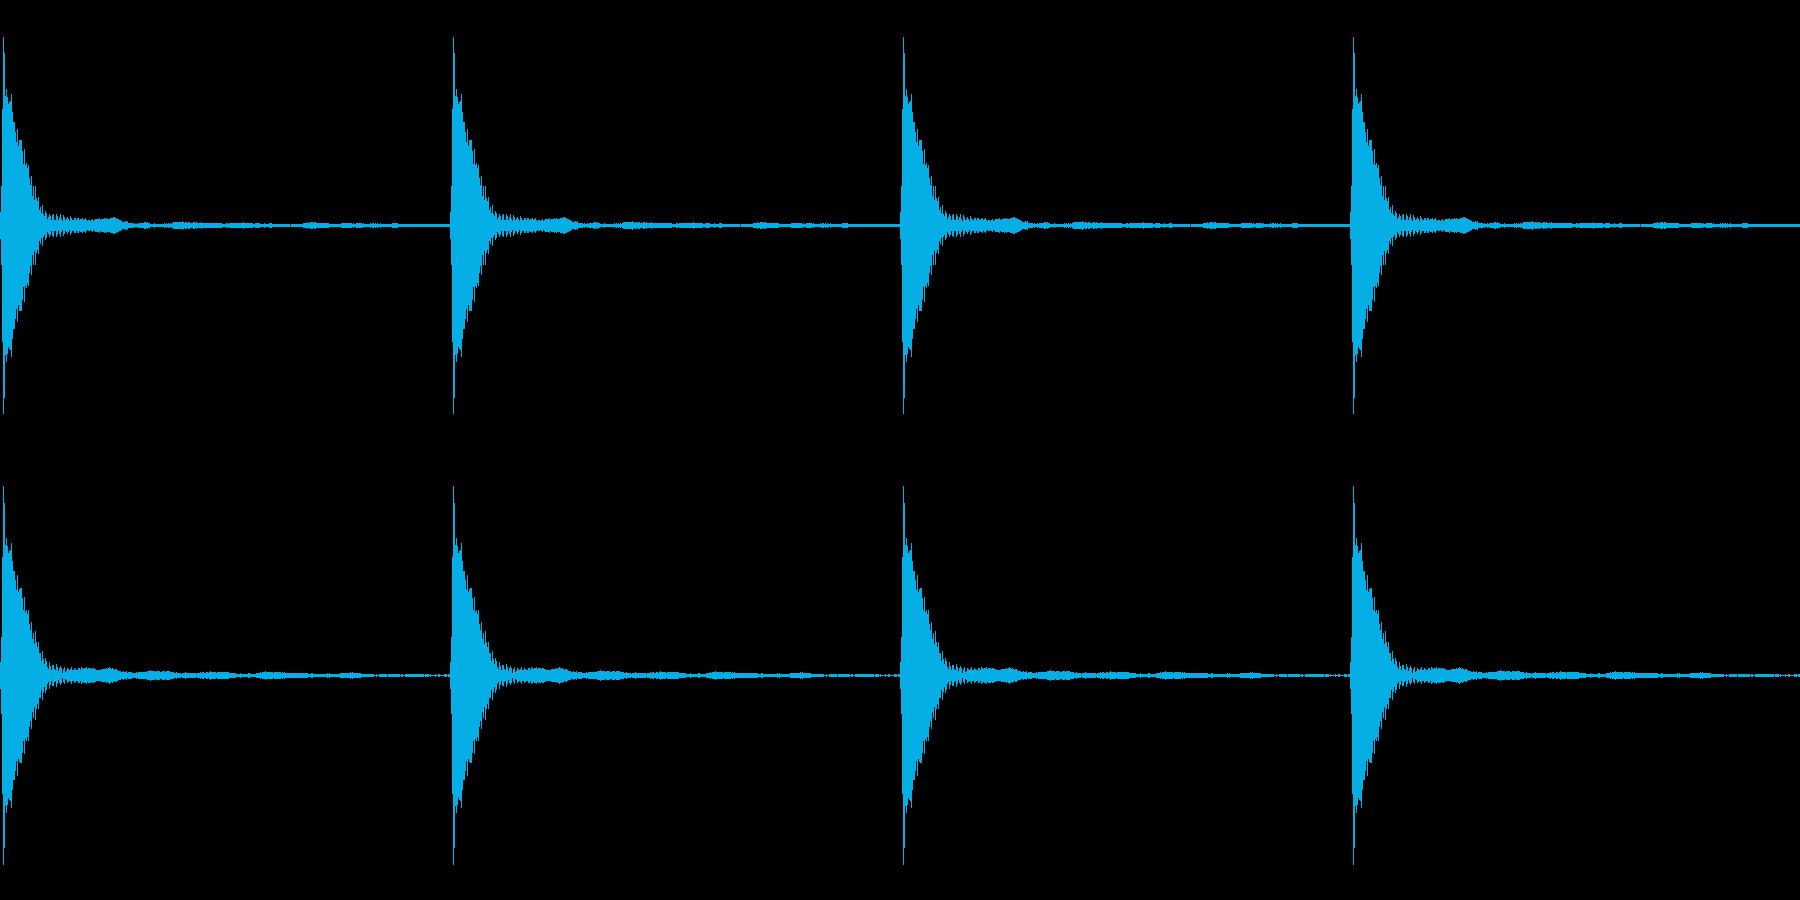 Count カウントダウン ループ 1の再生済みの波形